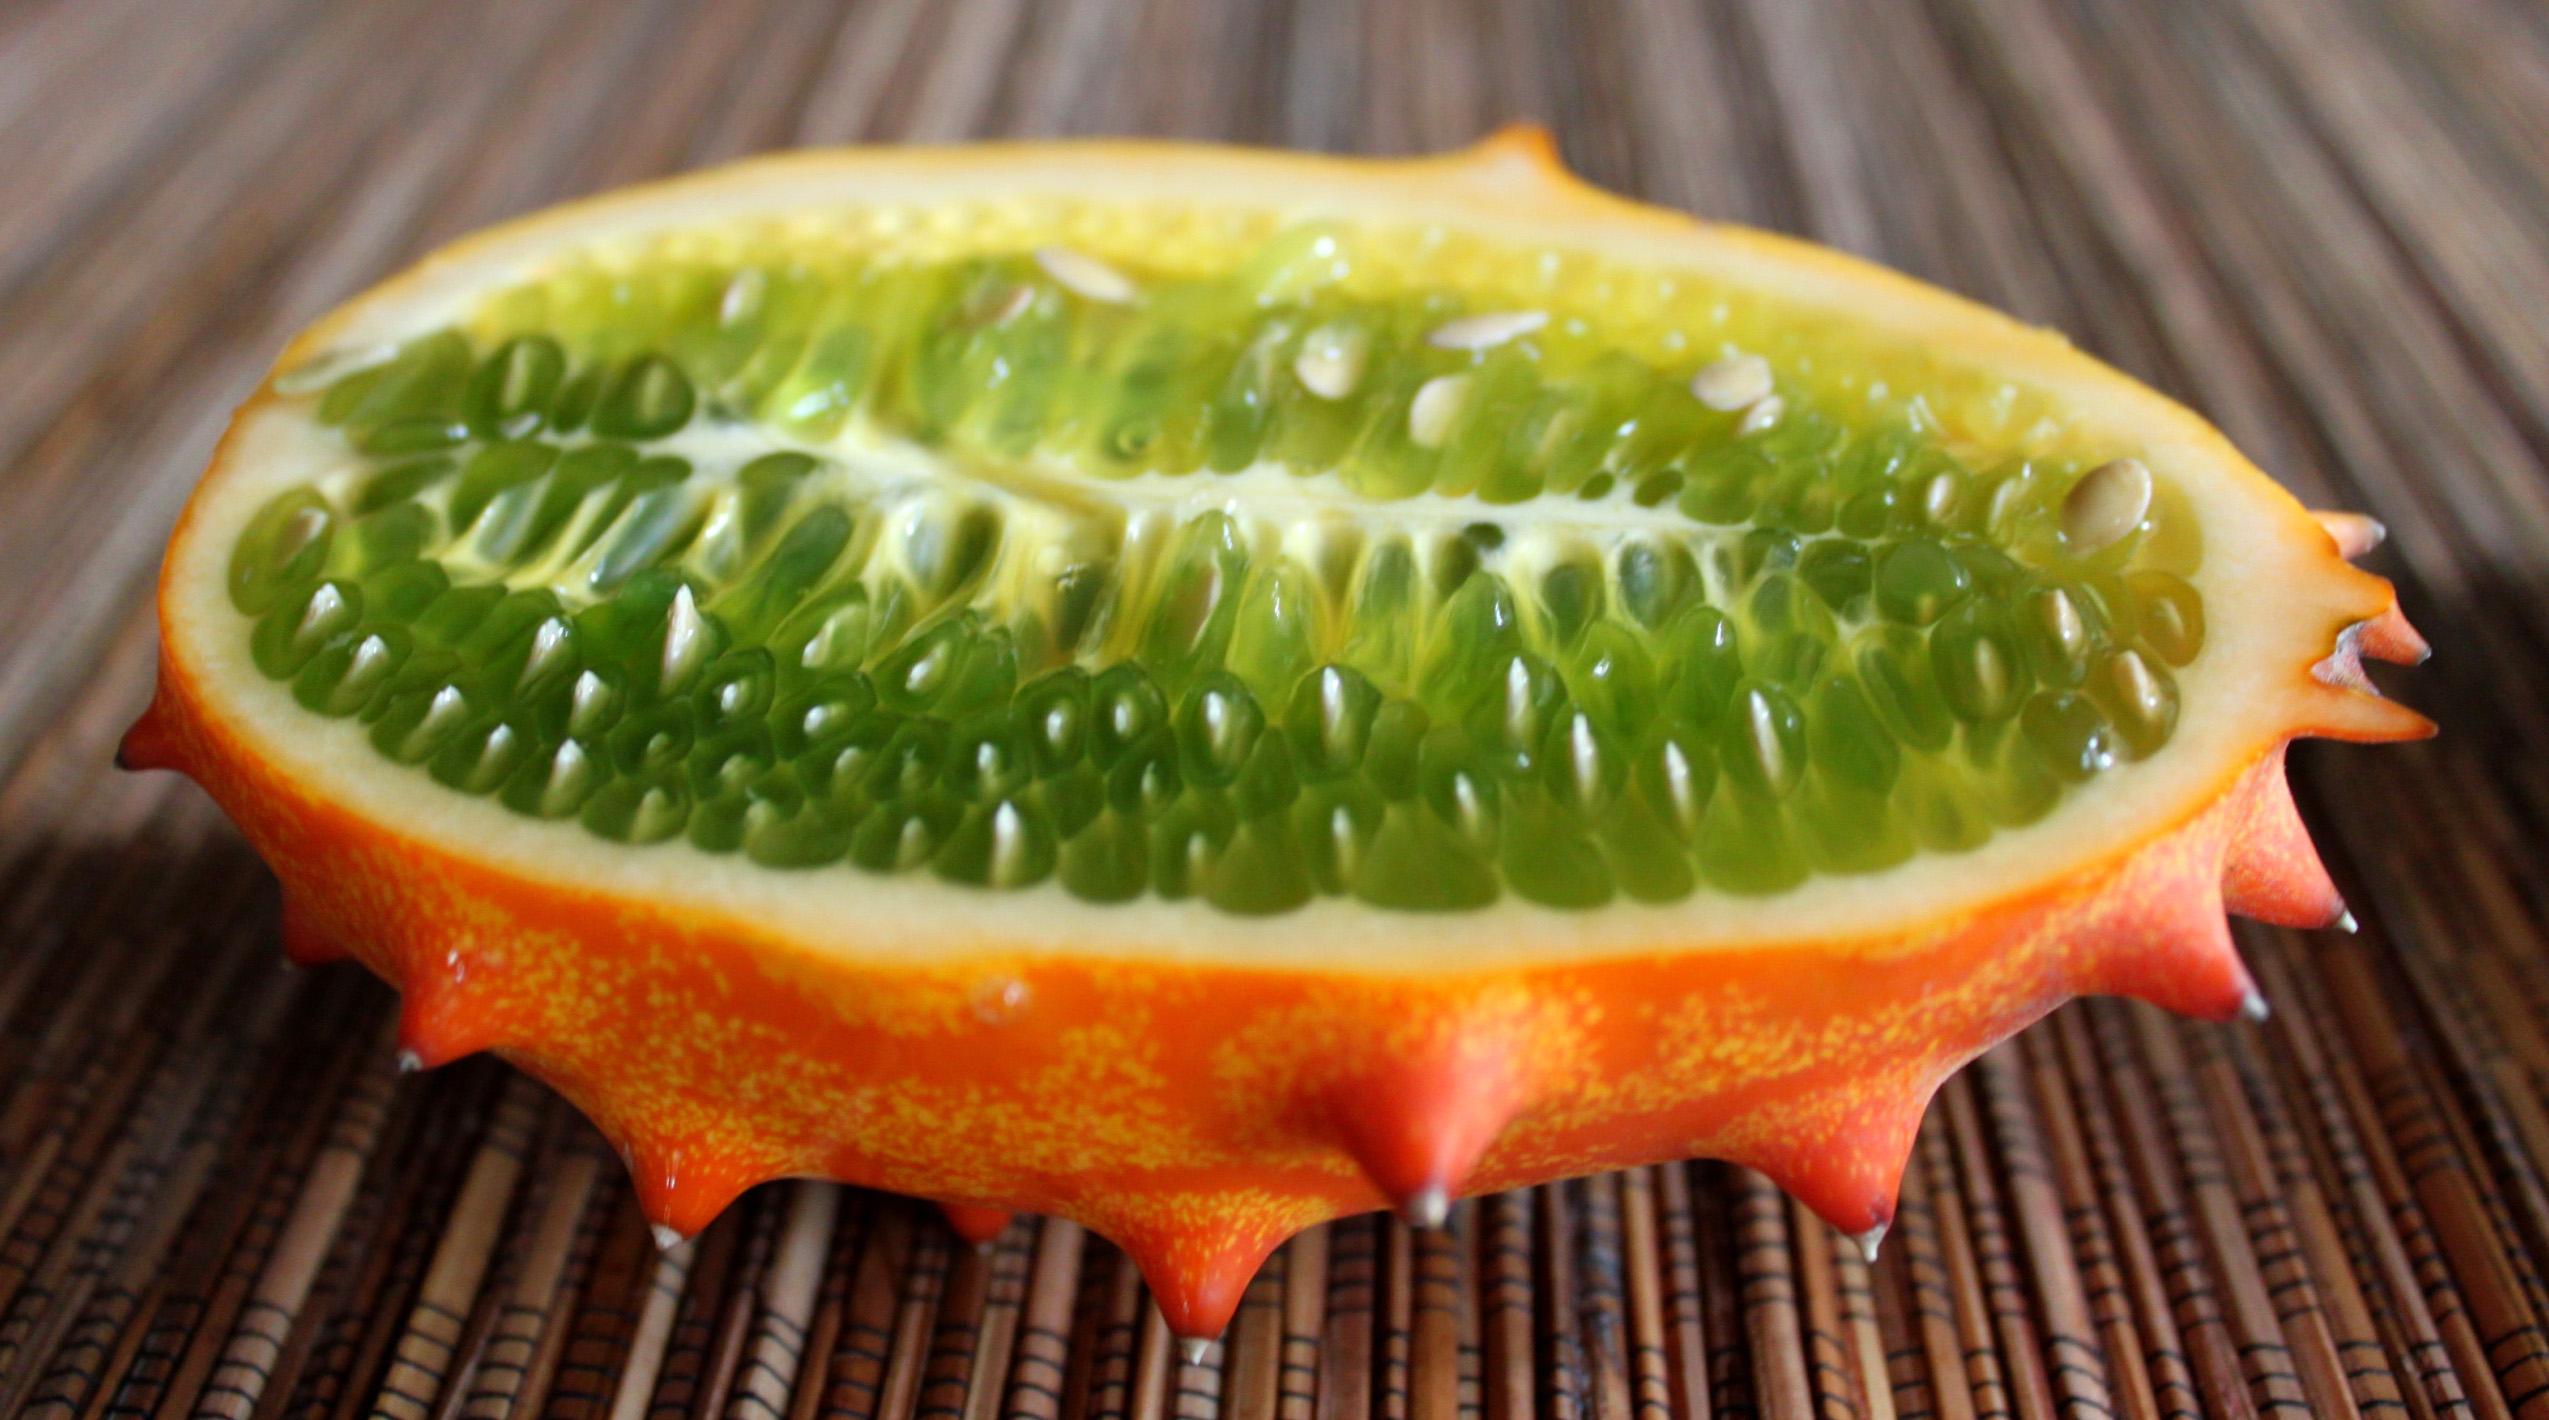 Кивано: что это за фрукт и чем он полезен